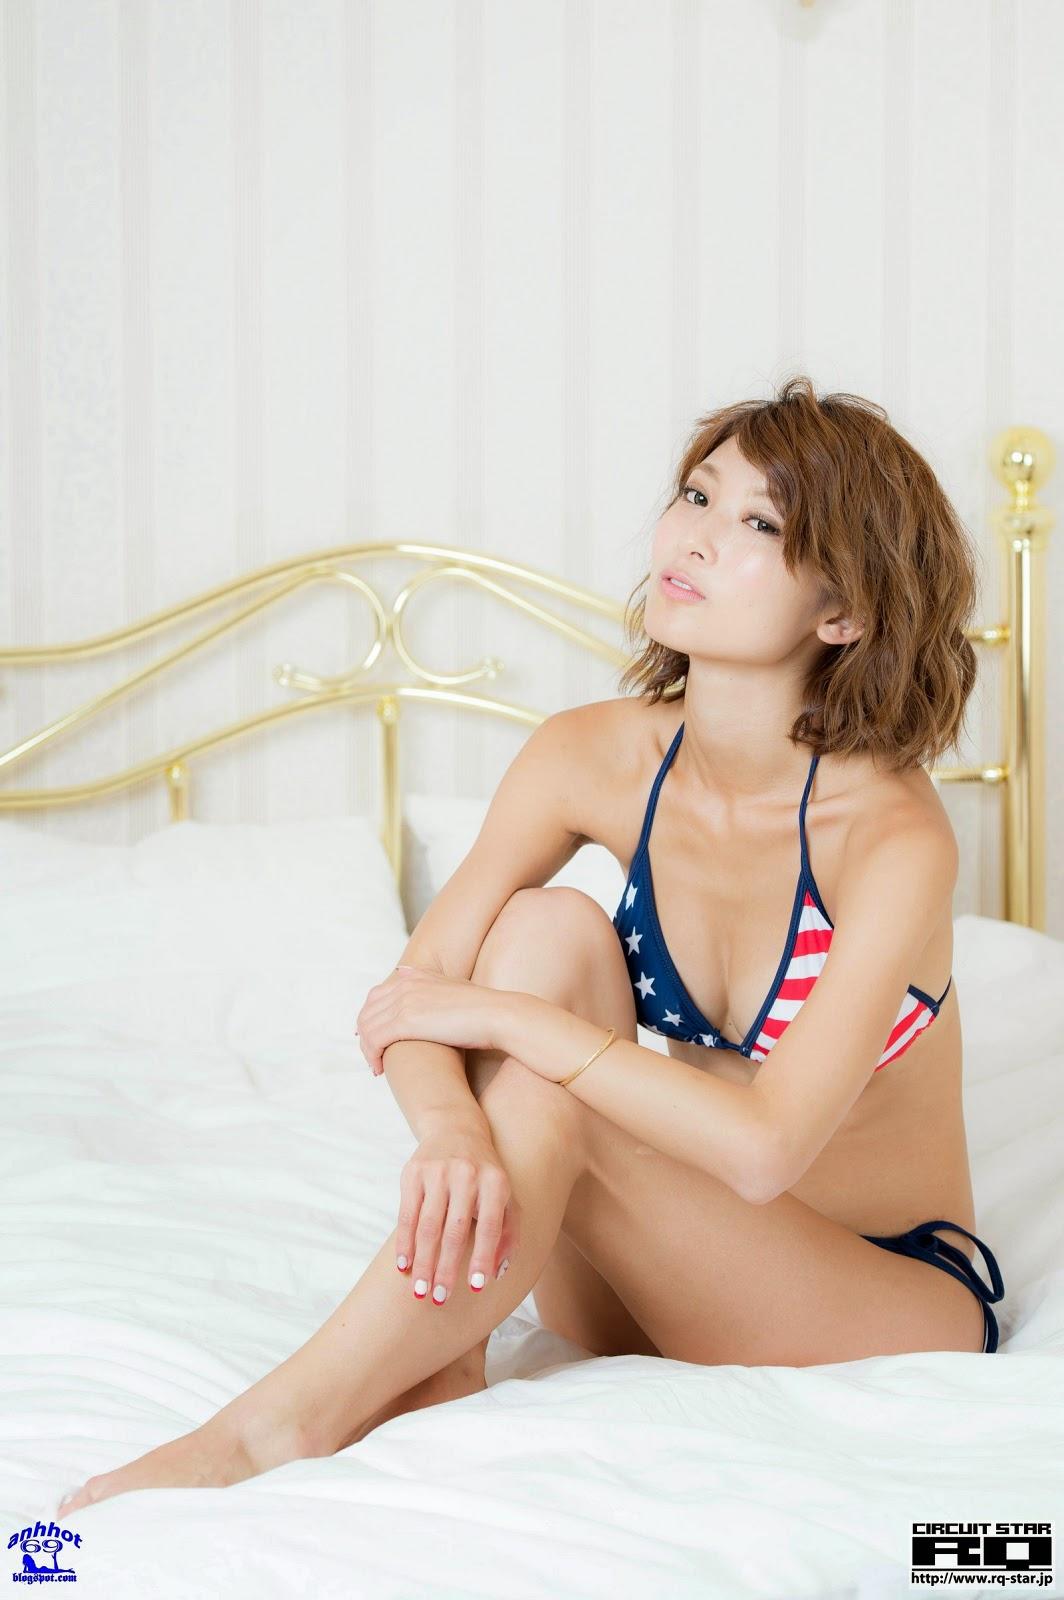 yoshika-tsujii_RQ-Star-No.965_121